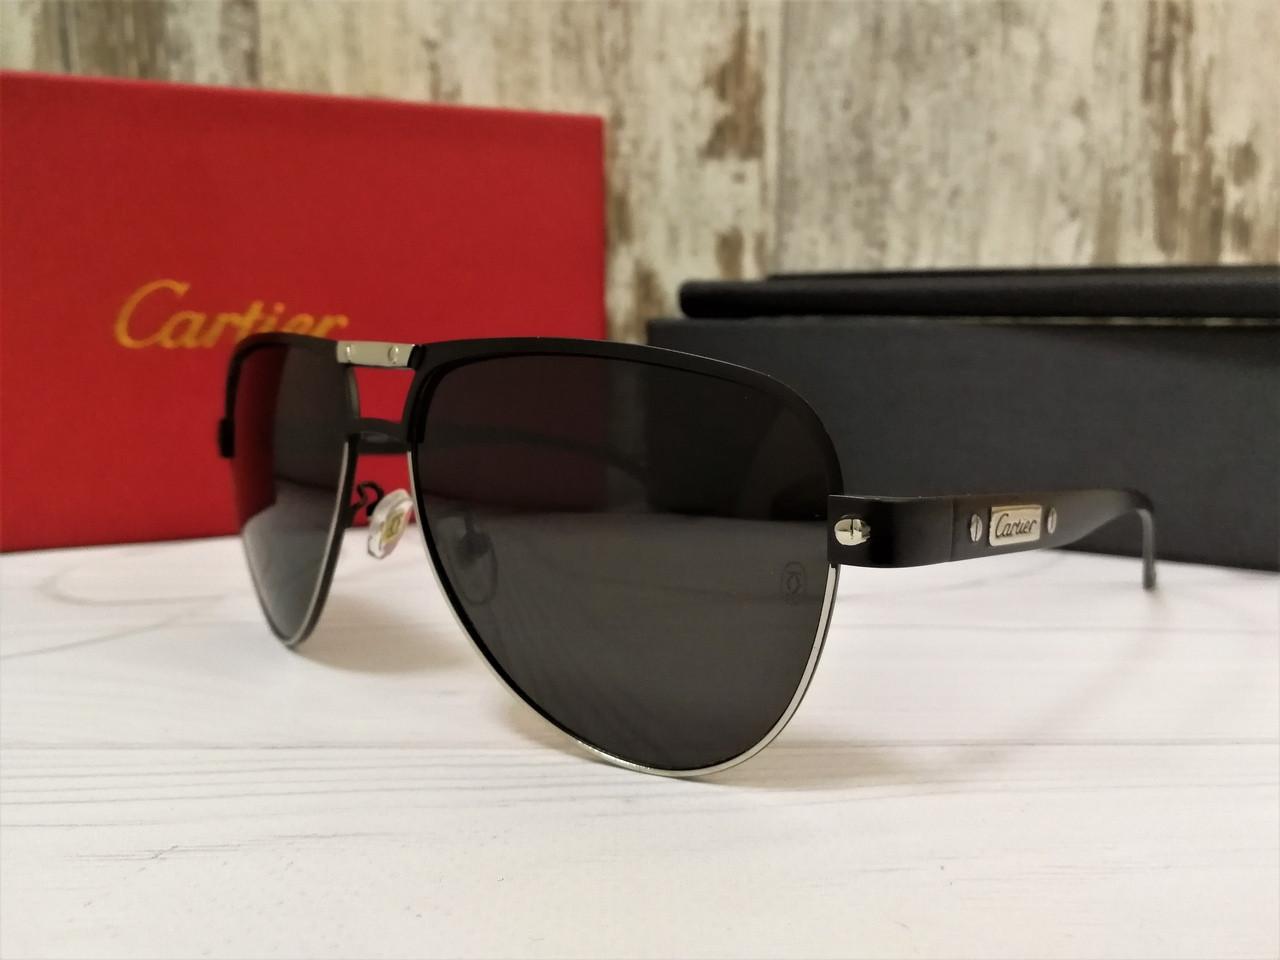 Очки мужские солнцезащитные Cartier (окуляри чоловічі сонцезахисні).